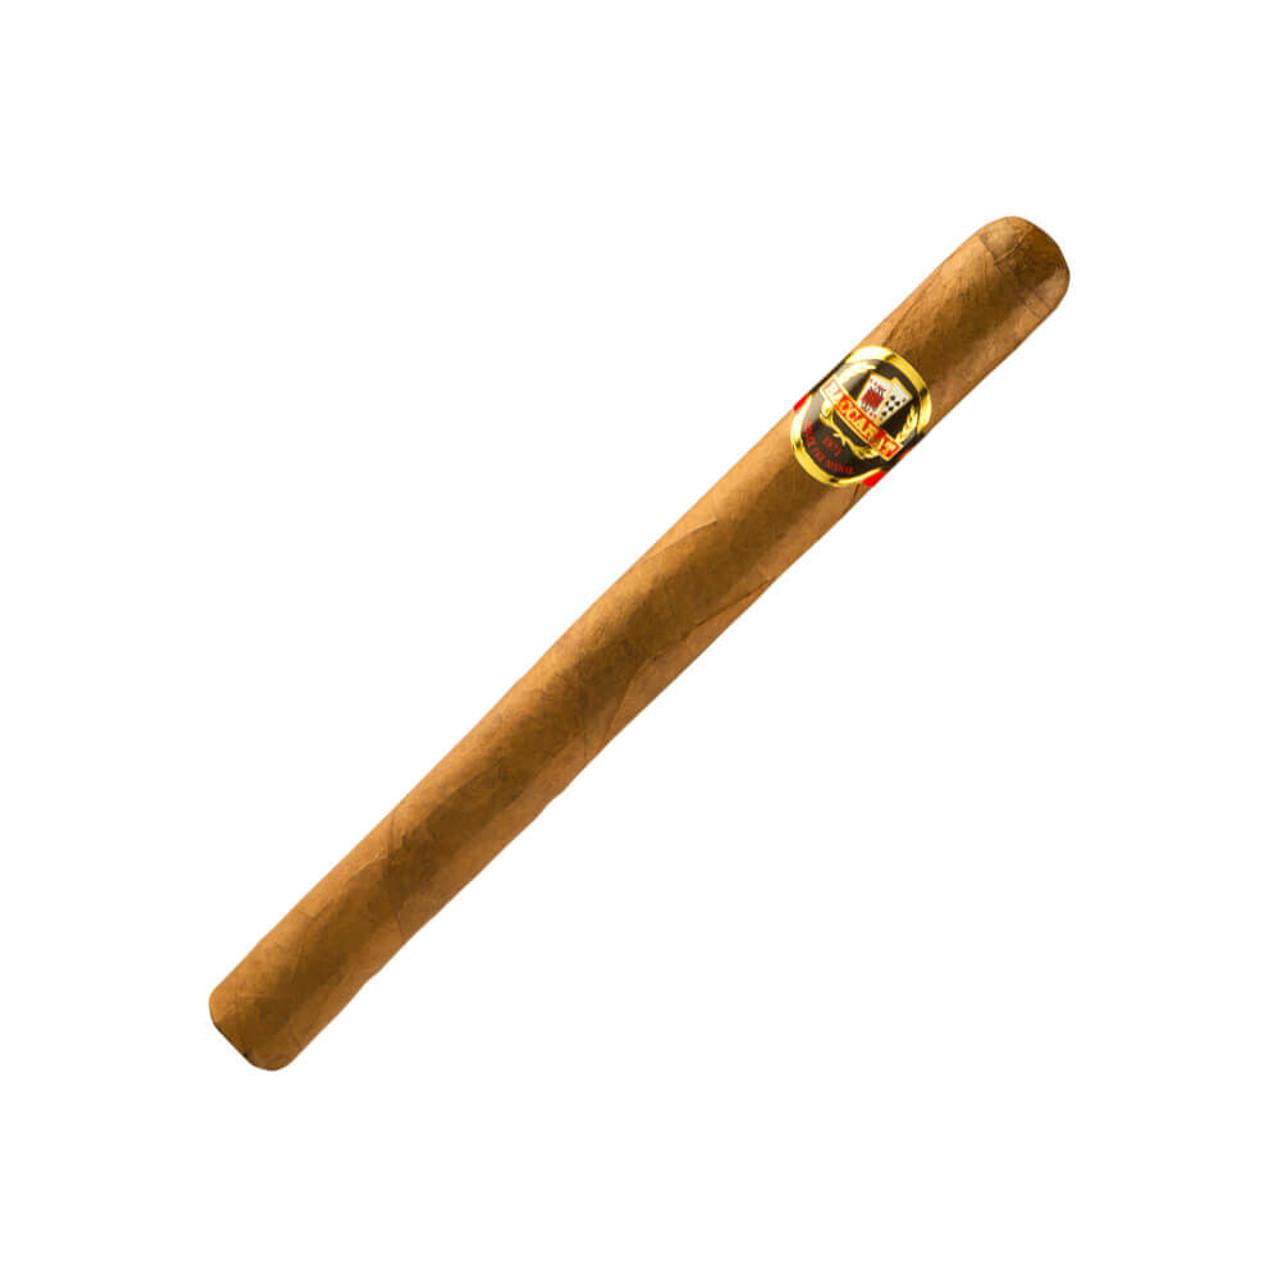 Baccarat Nicaragua King Cigars - 8.5 x 52 (Box of 25)